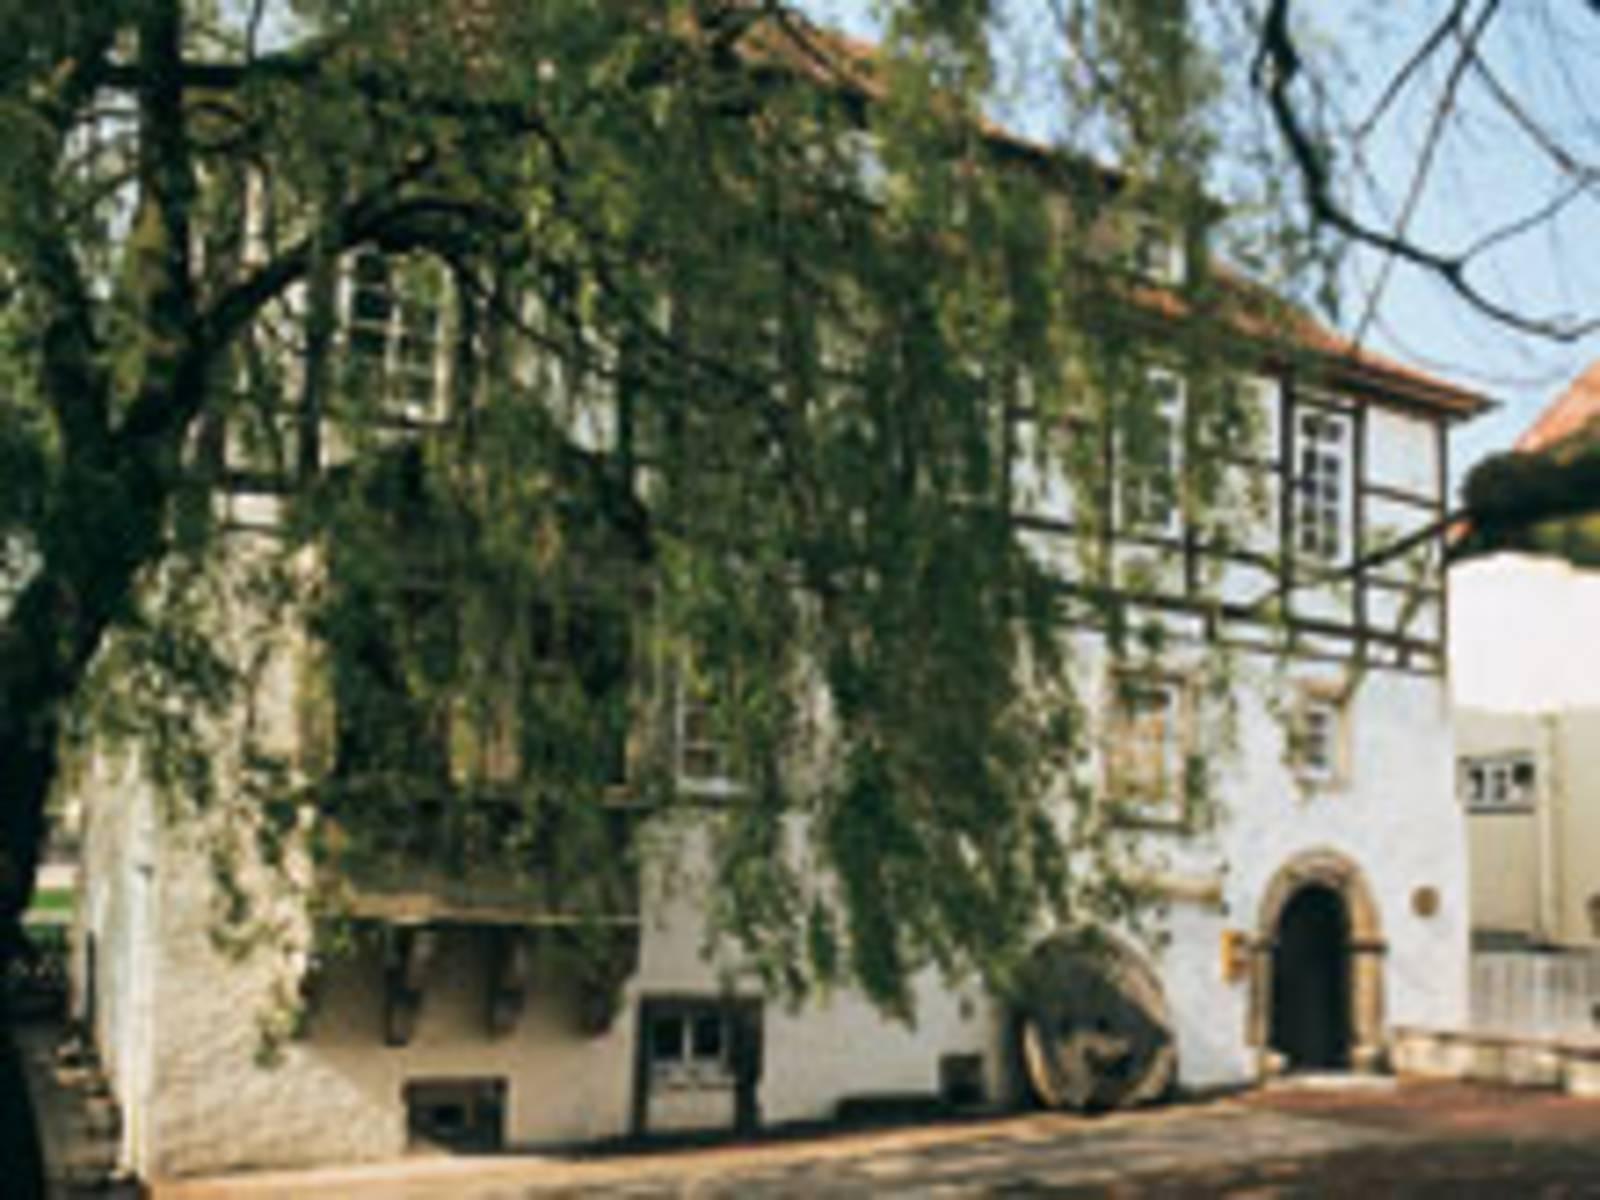 Fachwerkgebäude weiß gestrichen und Baum davor